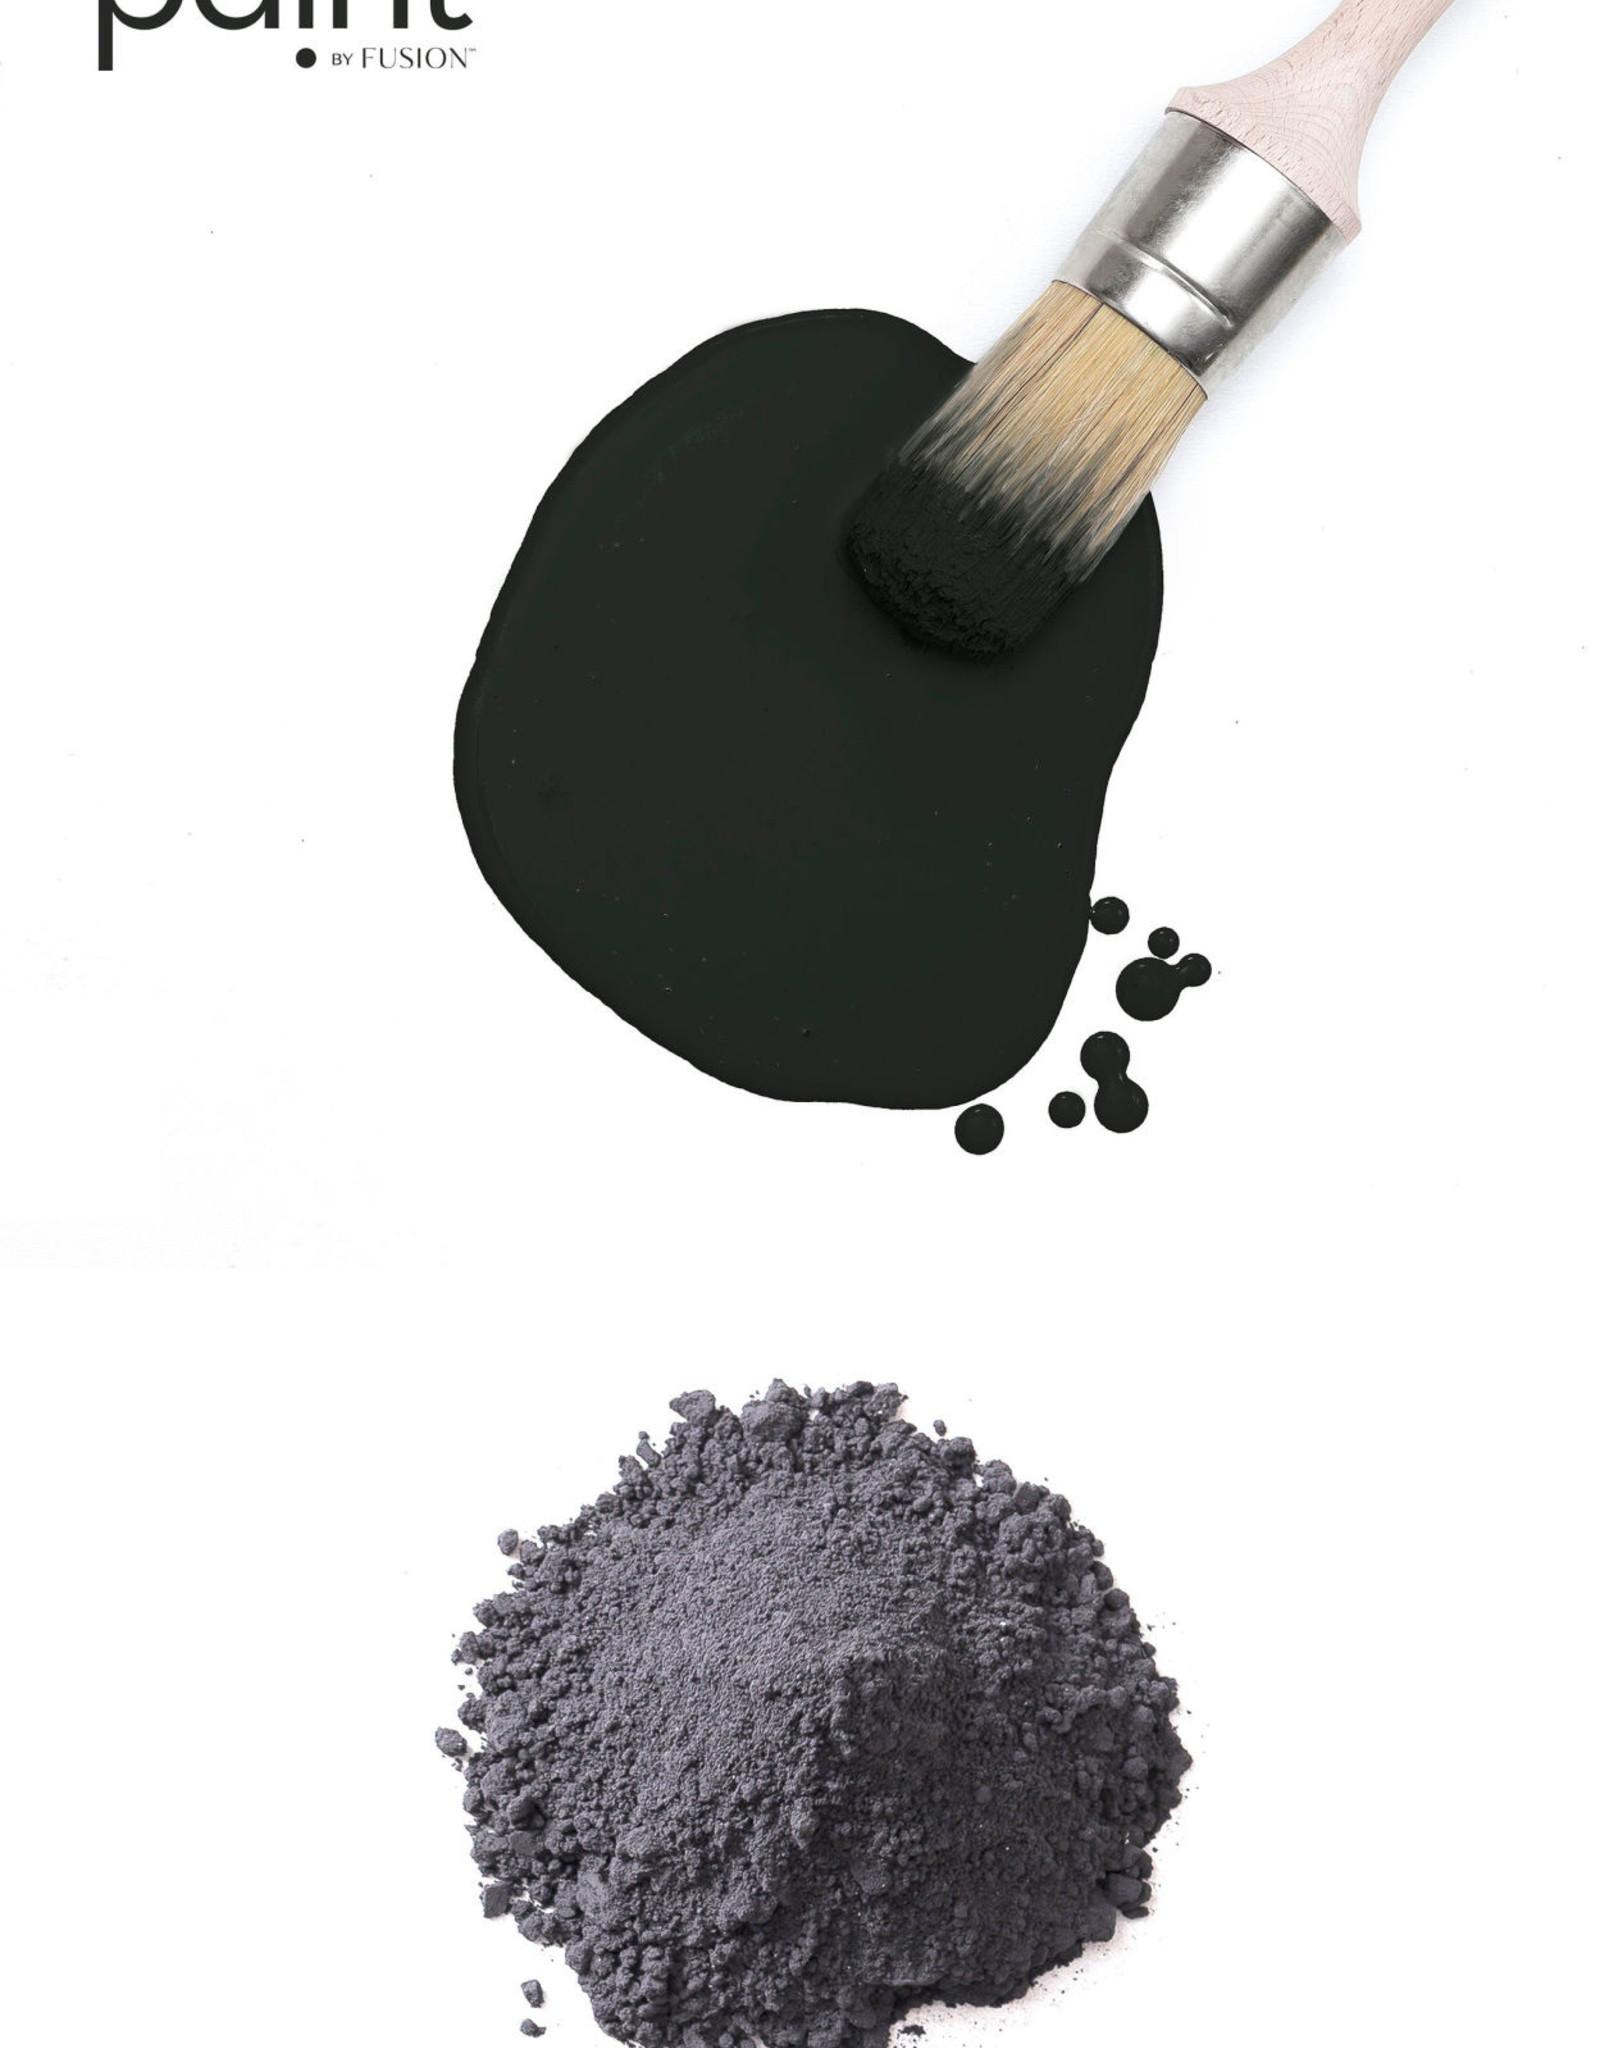 Fusion Mineral Paint Milk Paint 330g Little Black Dress